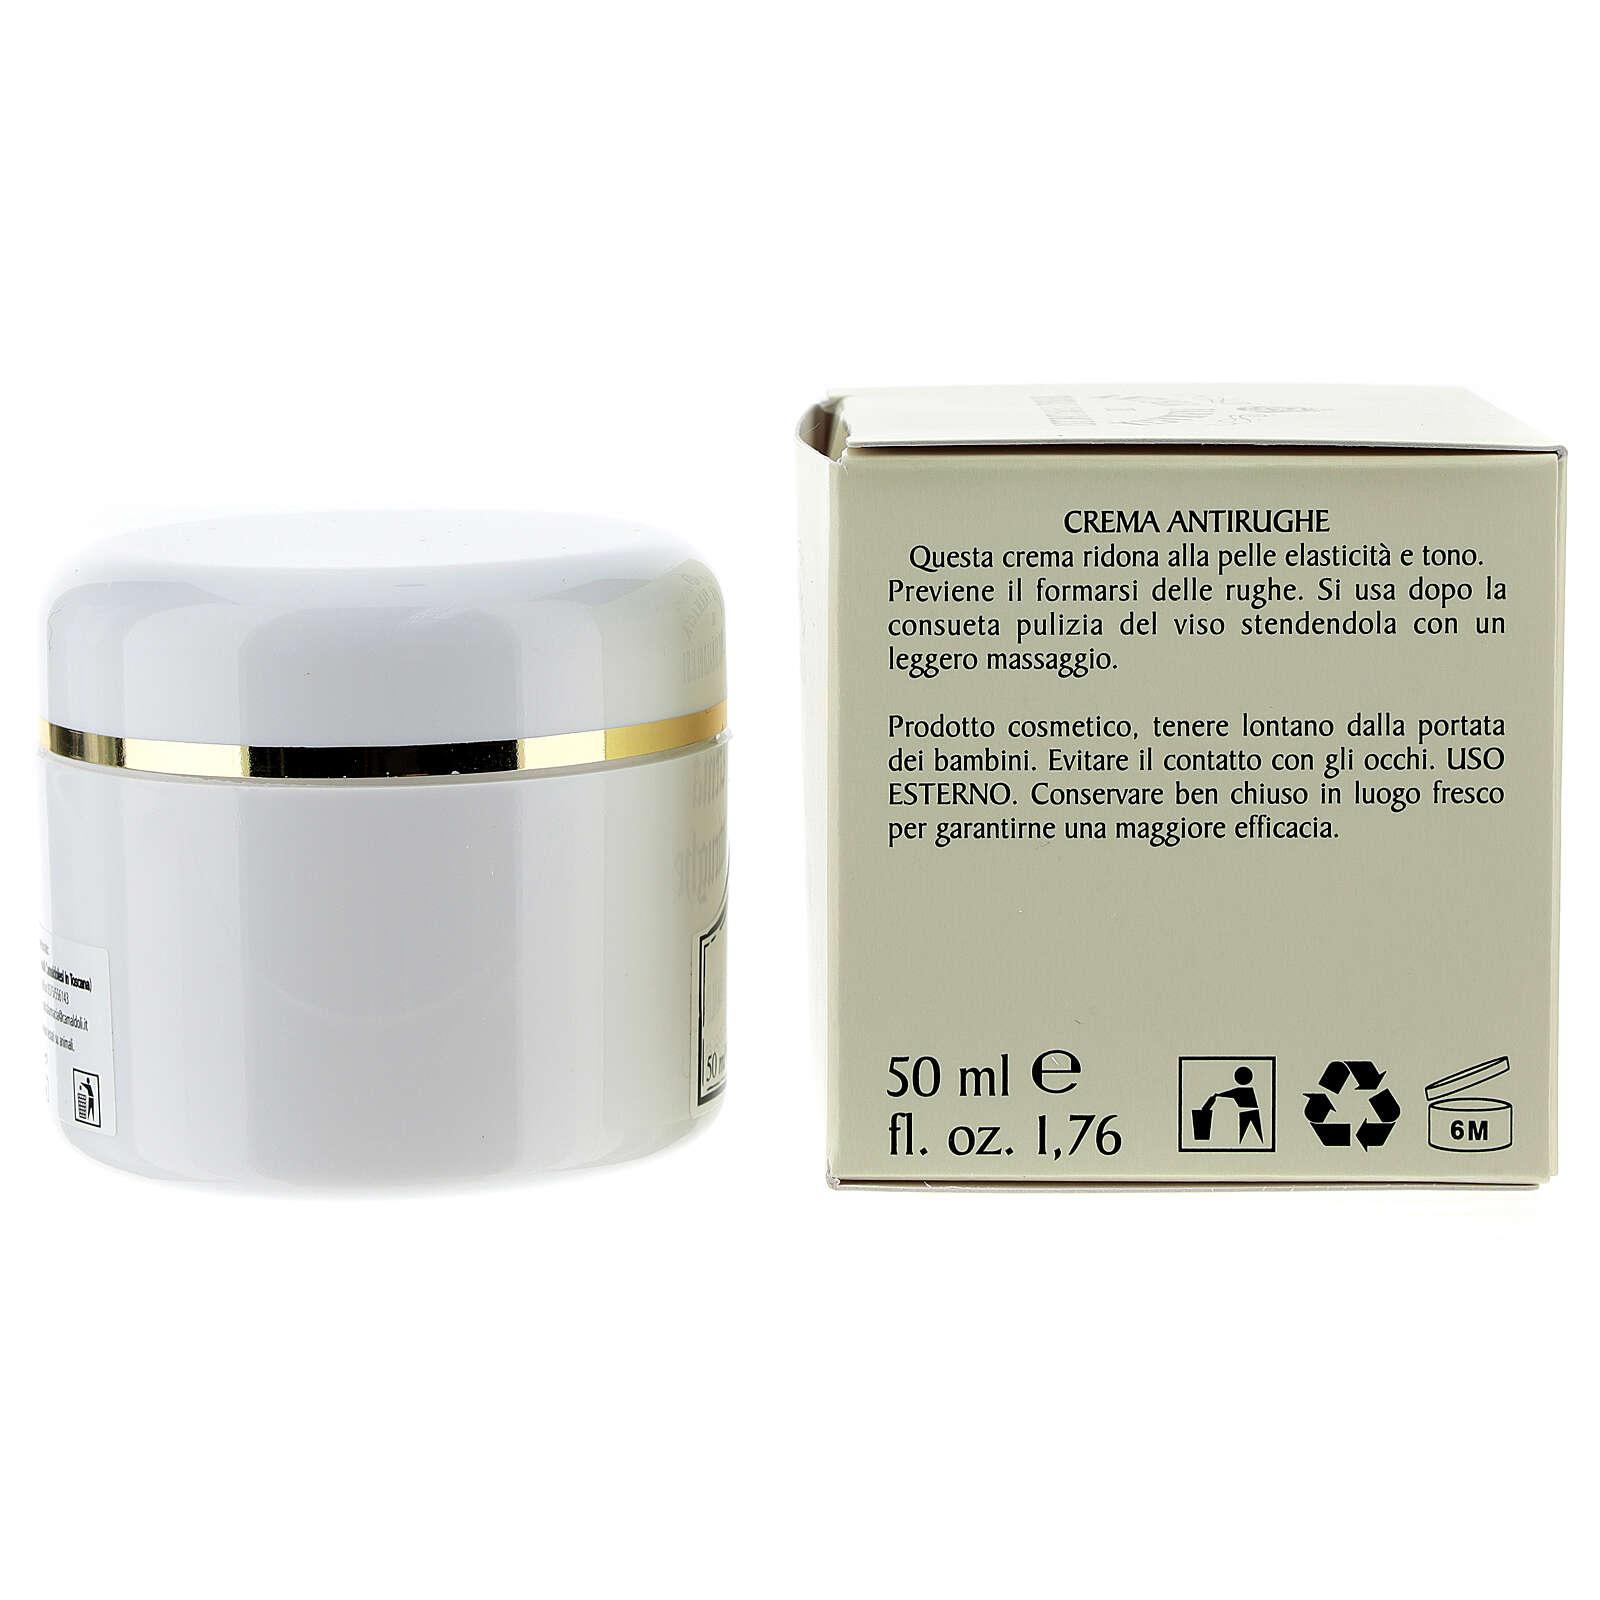 Crema Antiarrugas (50 ml) 4